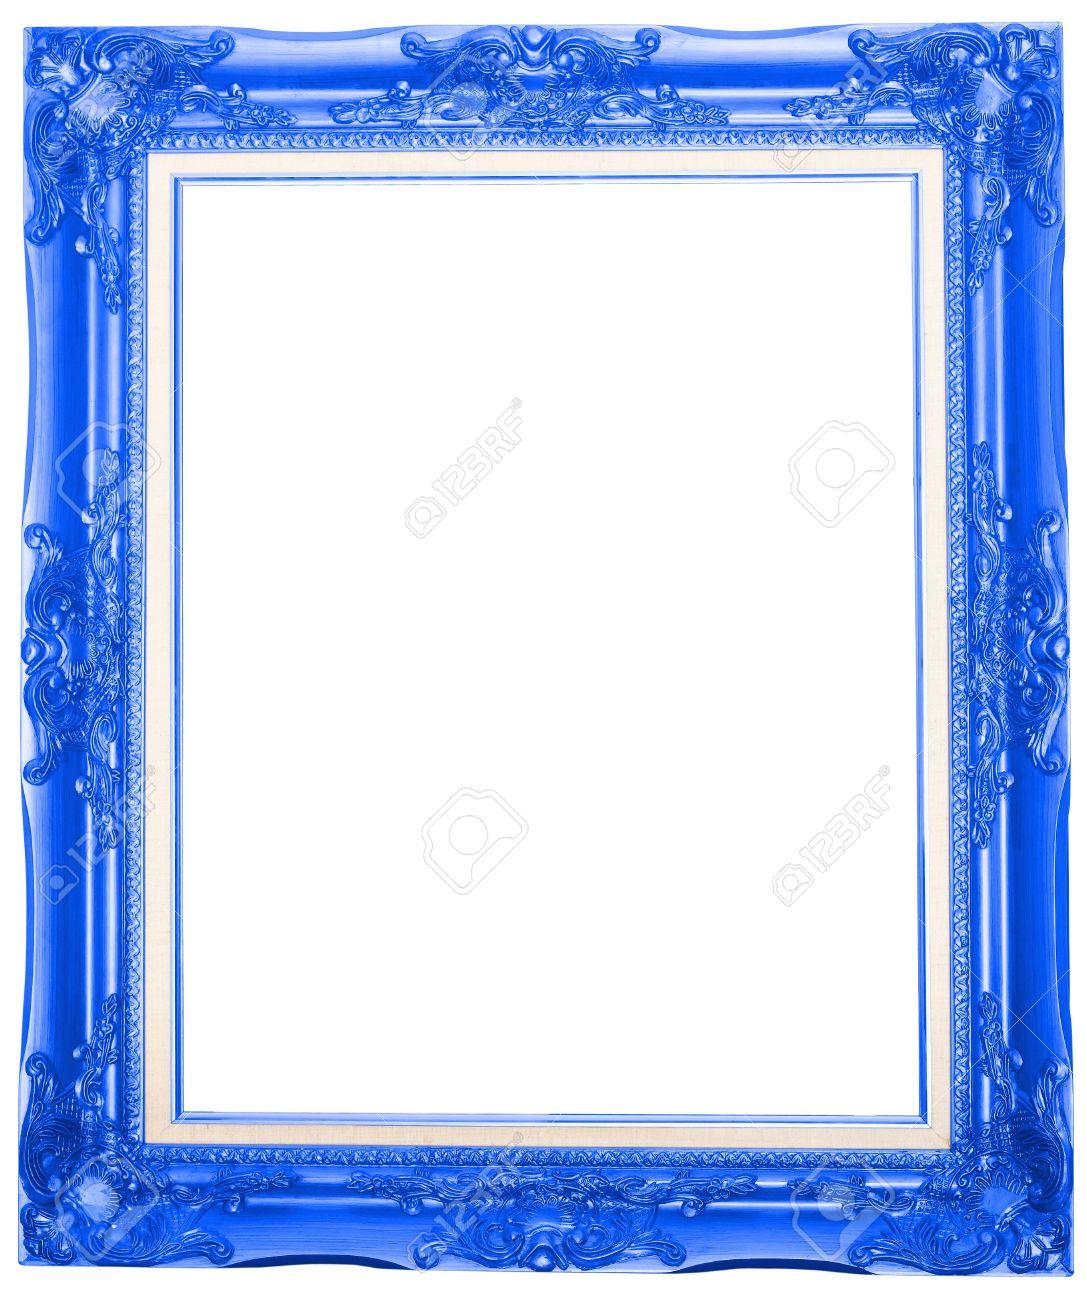 Der Blaue Antiken Bilderrahmen Isoliert Auf Weißem Hintergrund ...